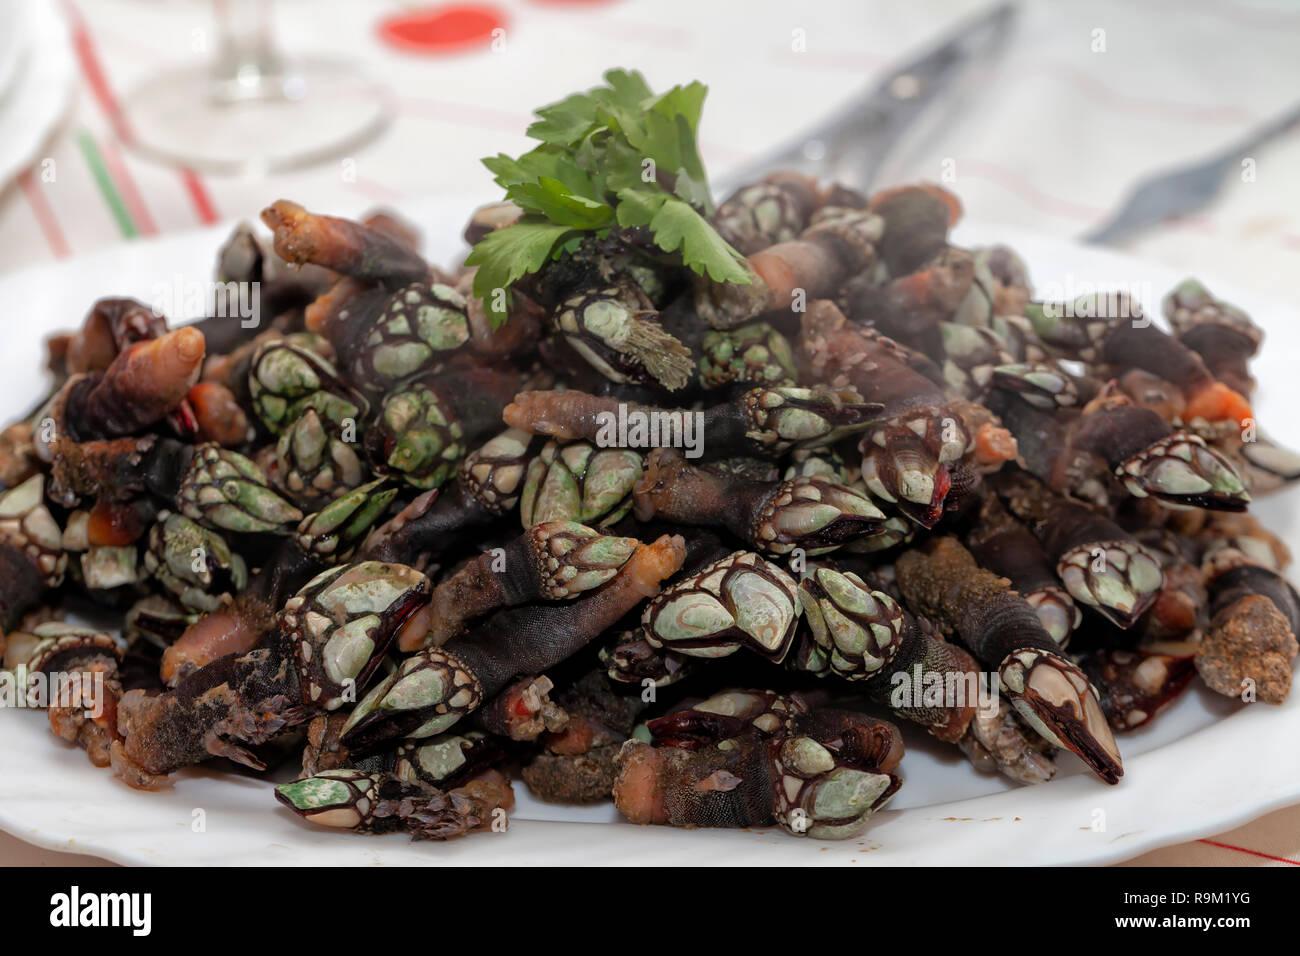 Ein Gericht mit viel frisch gekochte Muscheln zu Hause. Stockfoto